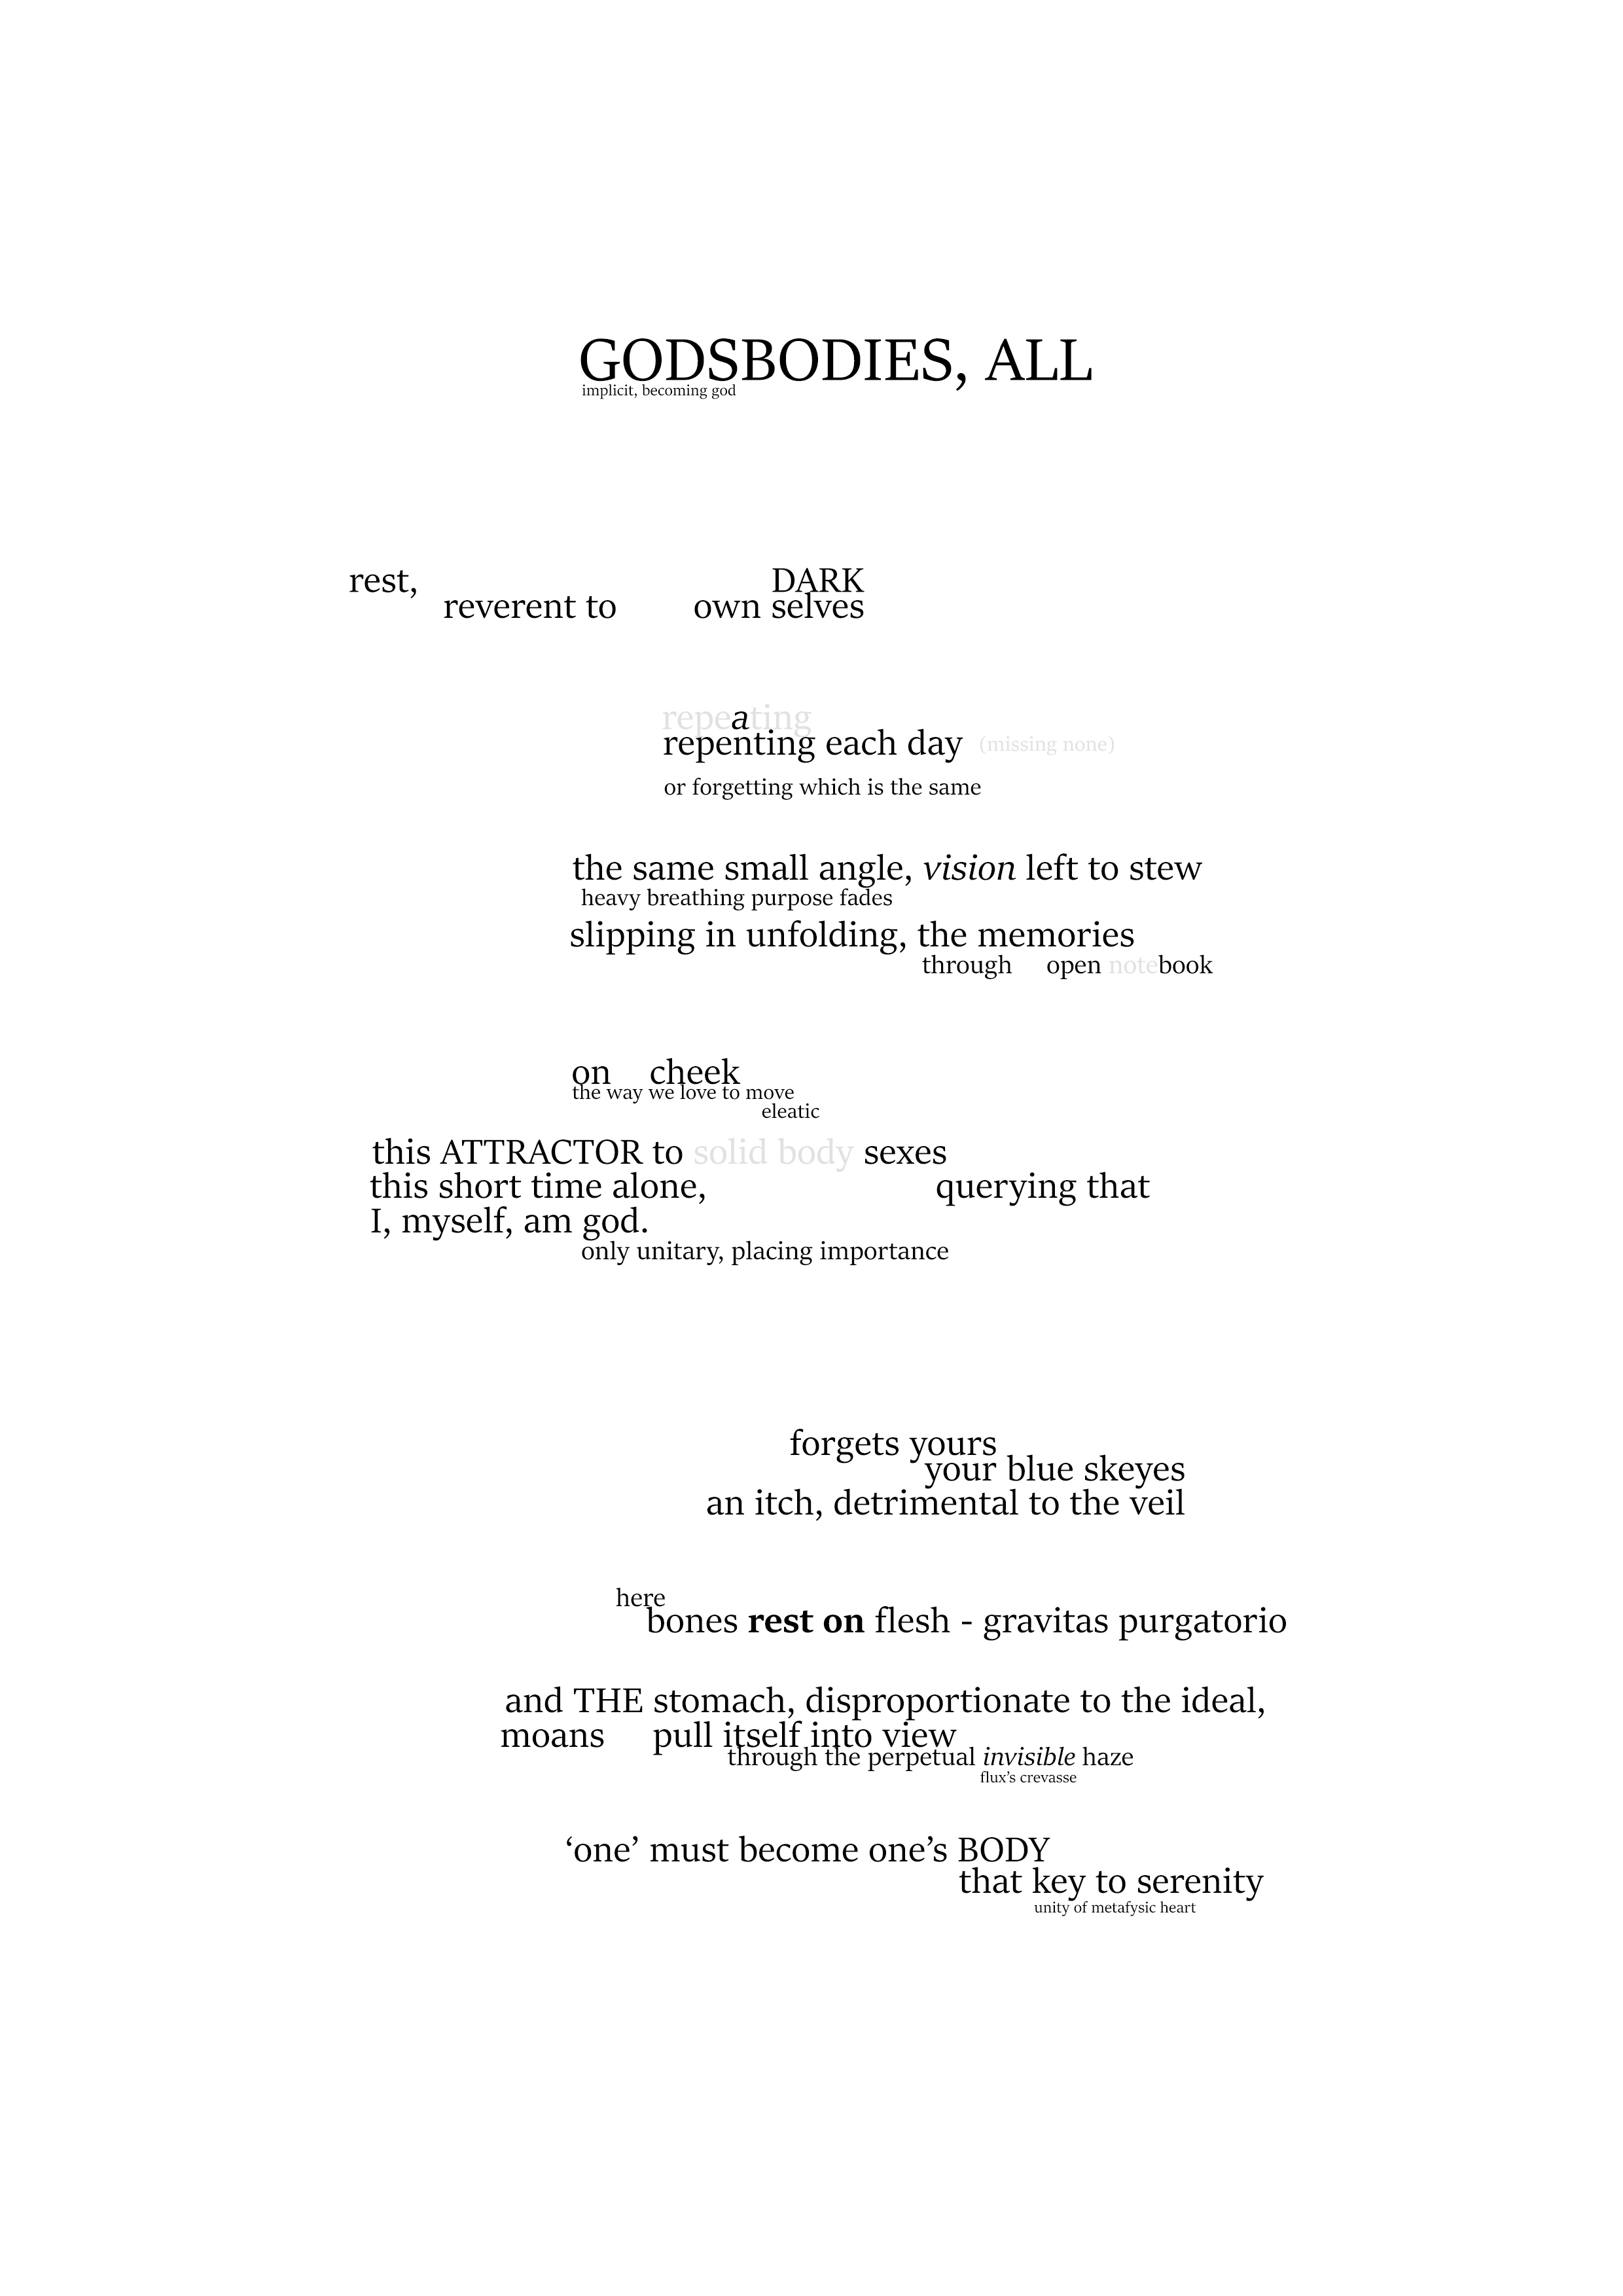 Godsbodiesfinal